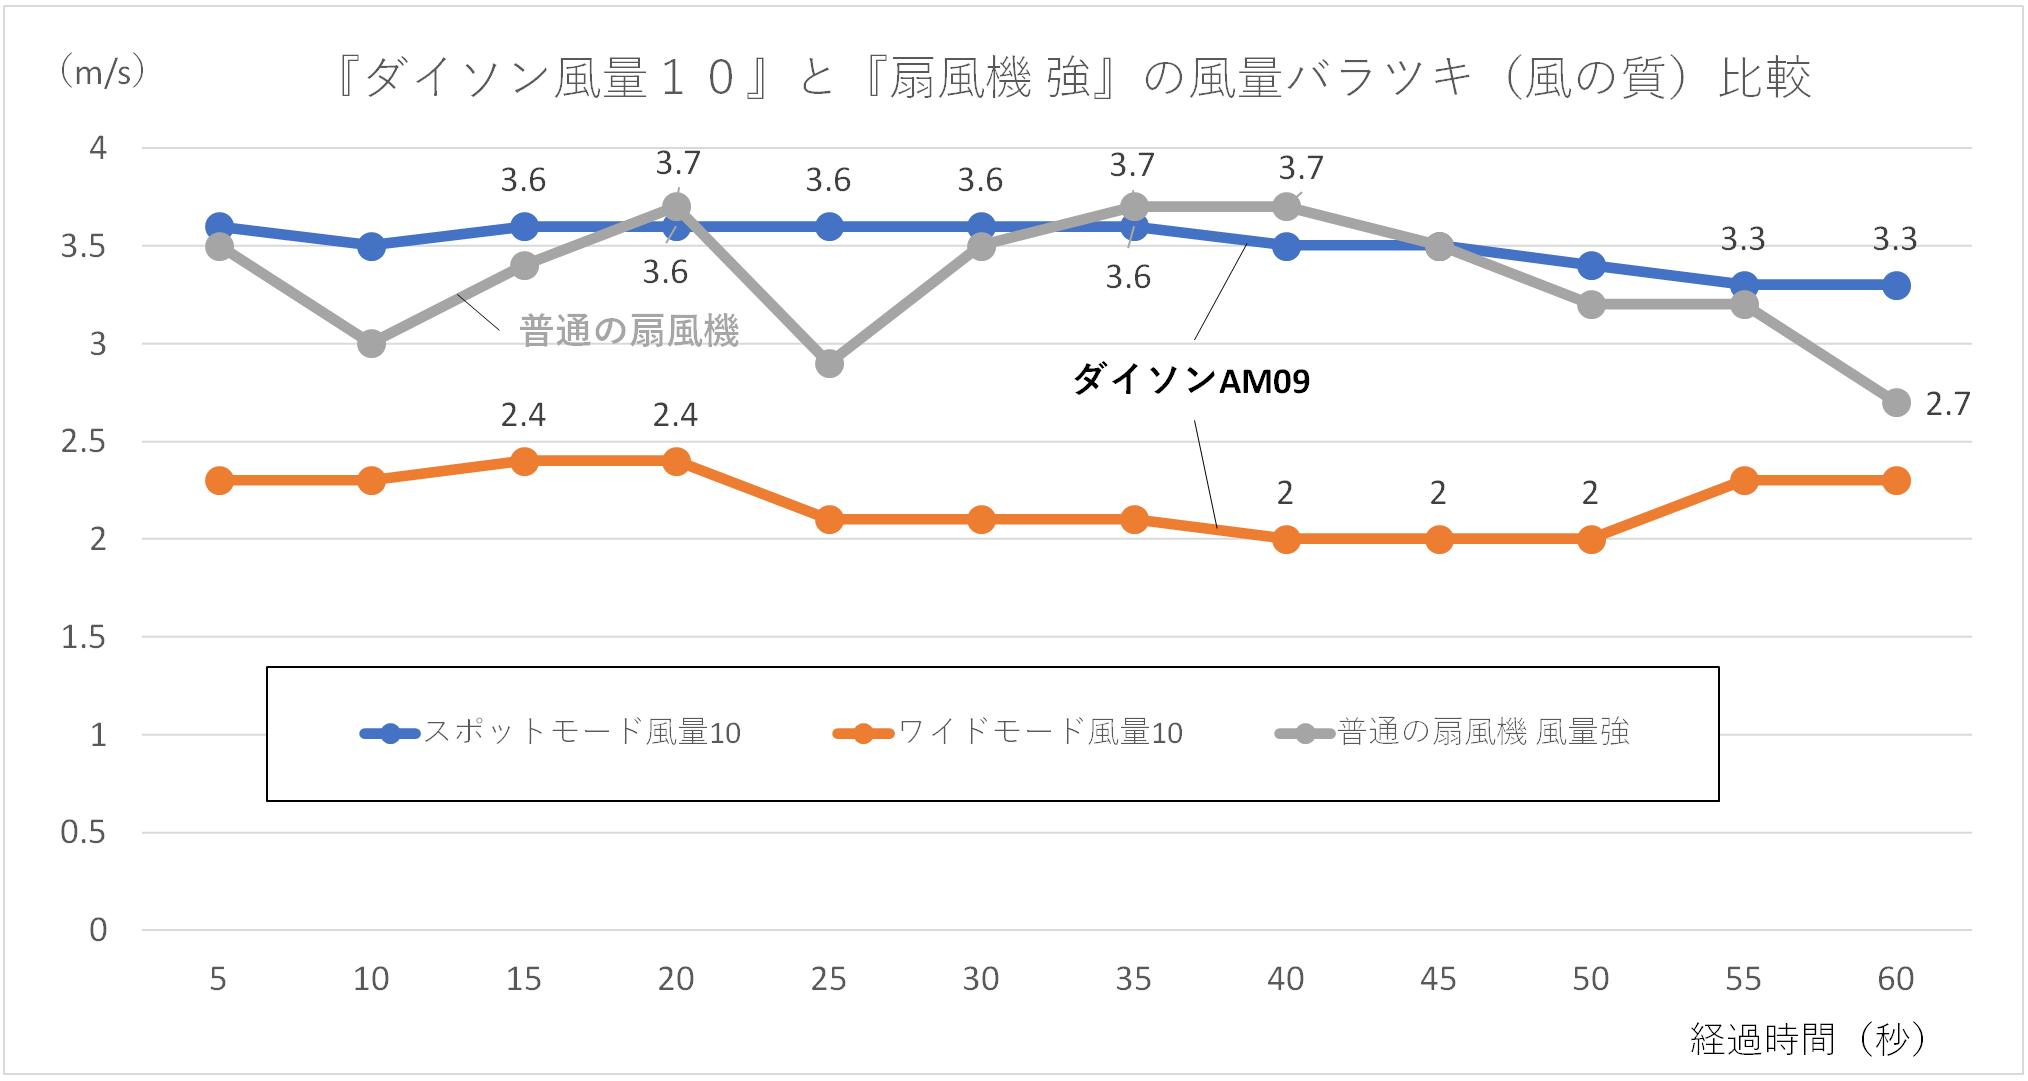 『ダイソン風量10』と『扇風機 強』の風量バラツキ(風の質)比較のグラフ